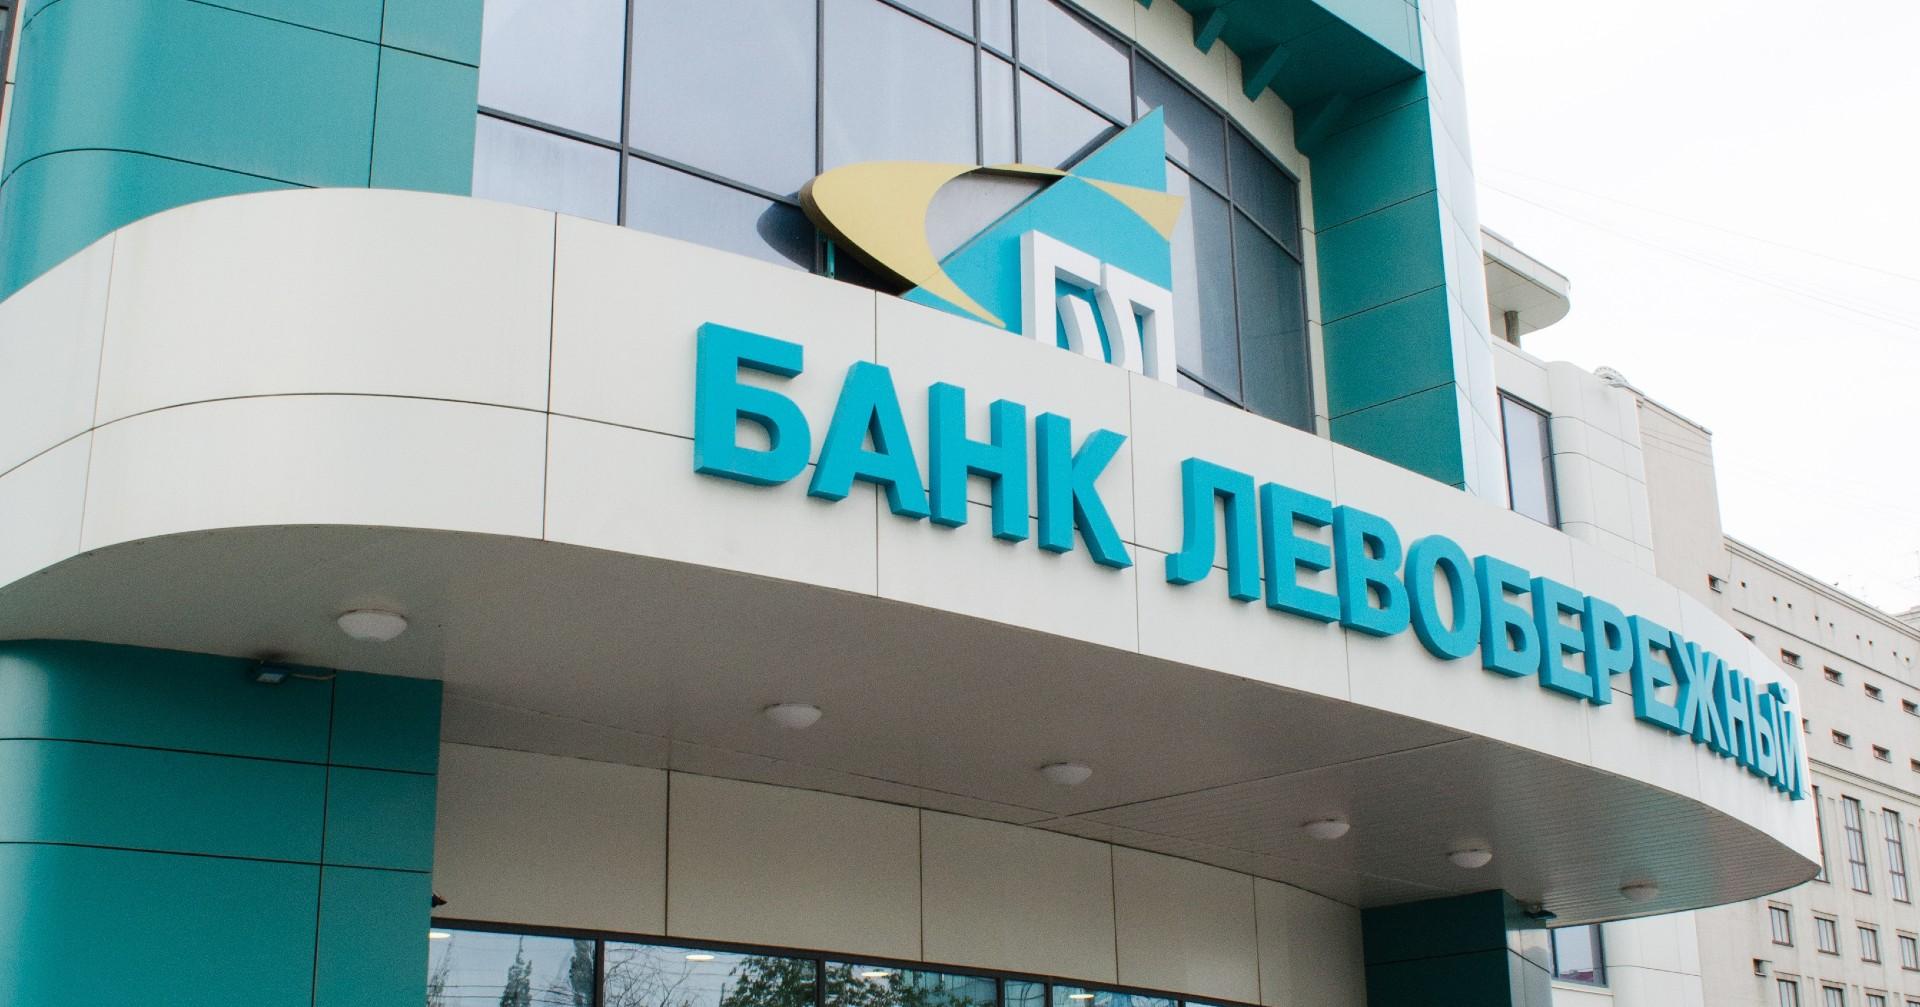 Банк «Левобережный» проводит акцию по ипотечному кредитованию для жителей Новосибирской области и других регионов